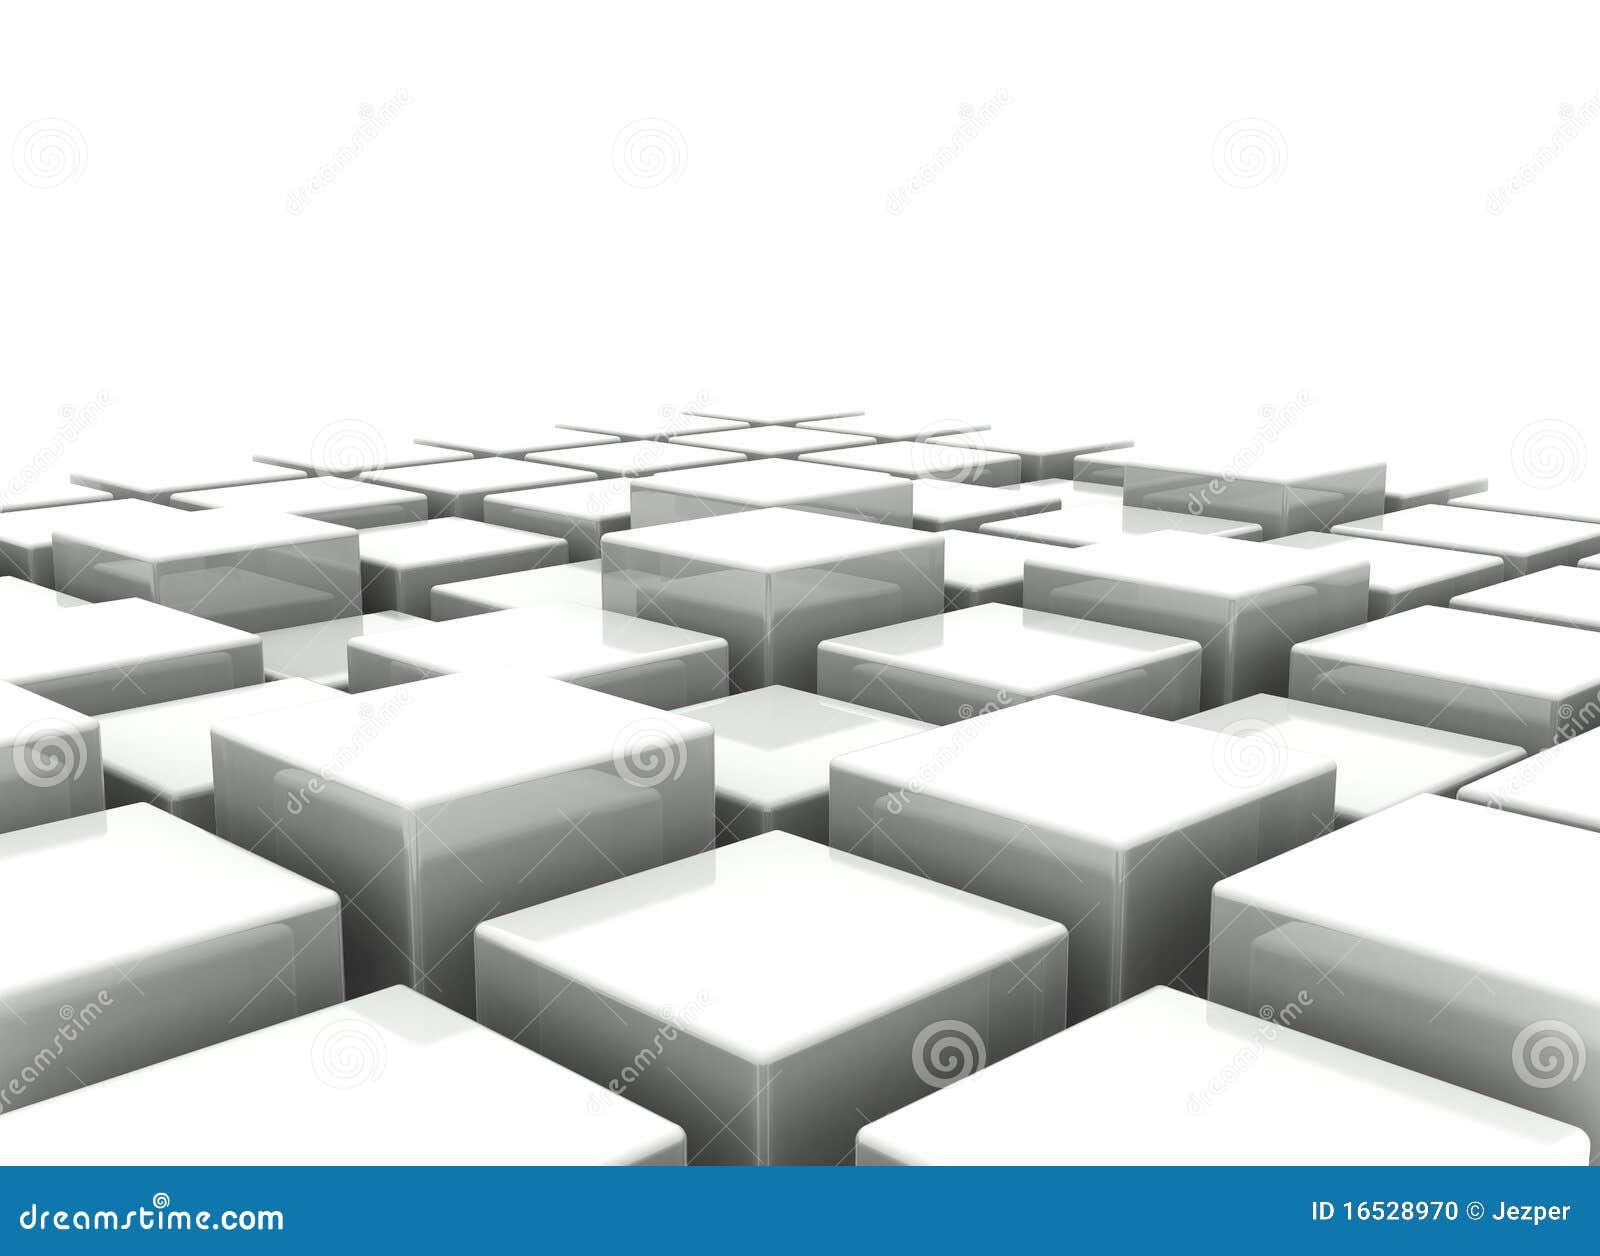 Abstracte achtergrond van 3d blokken